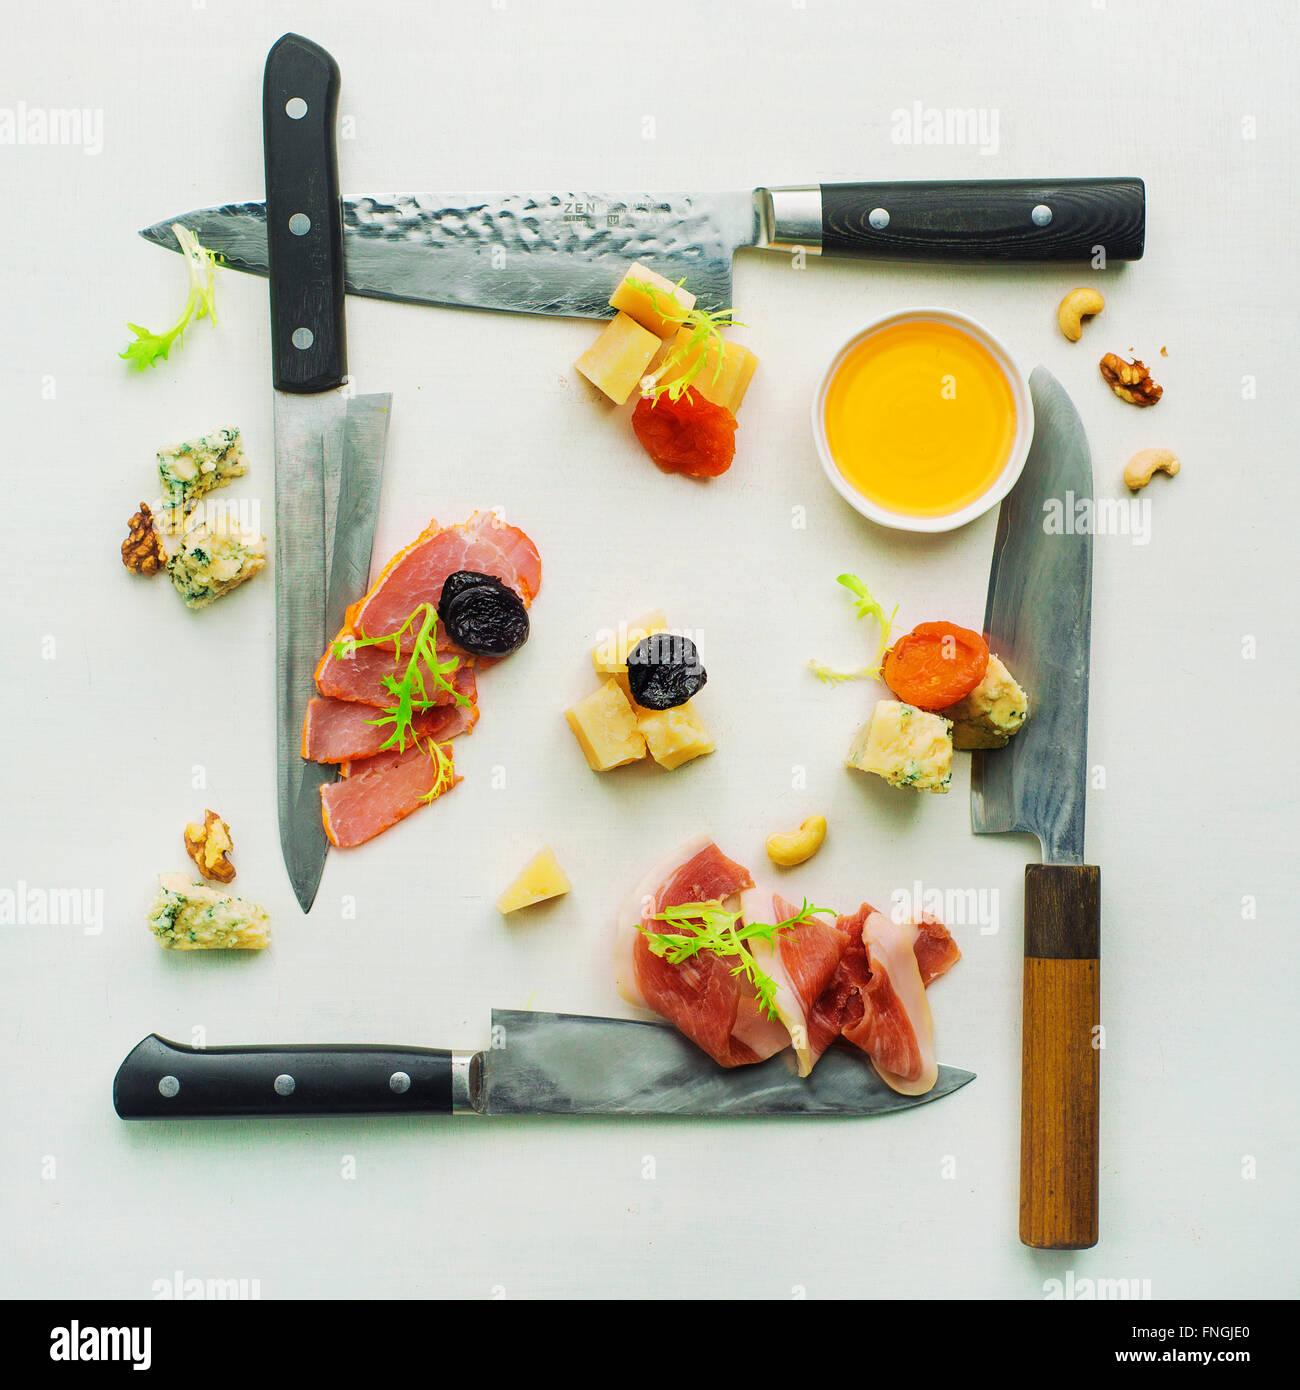 Vorspeise mit Käse, Fleisch, getrocknete Früchte und Honig Stockbild